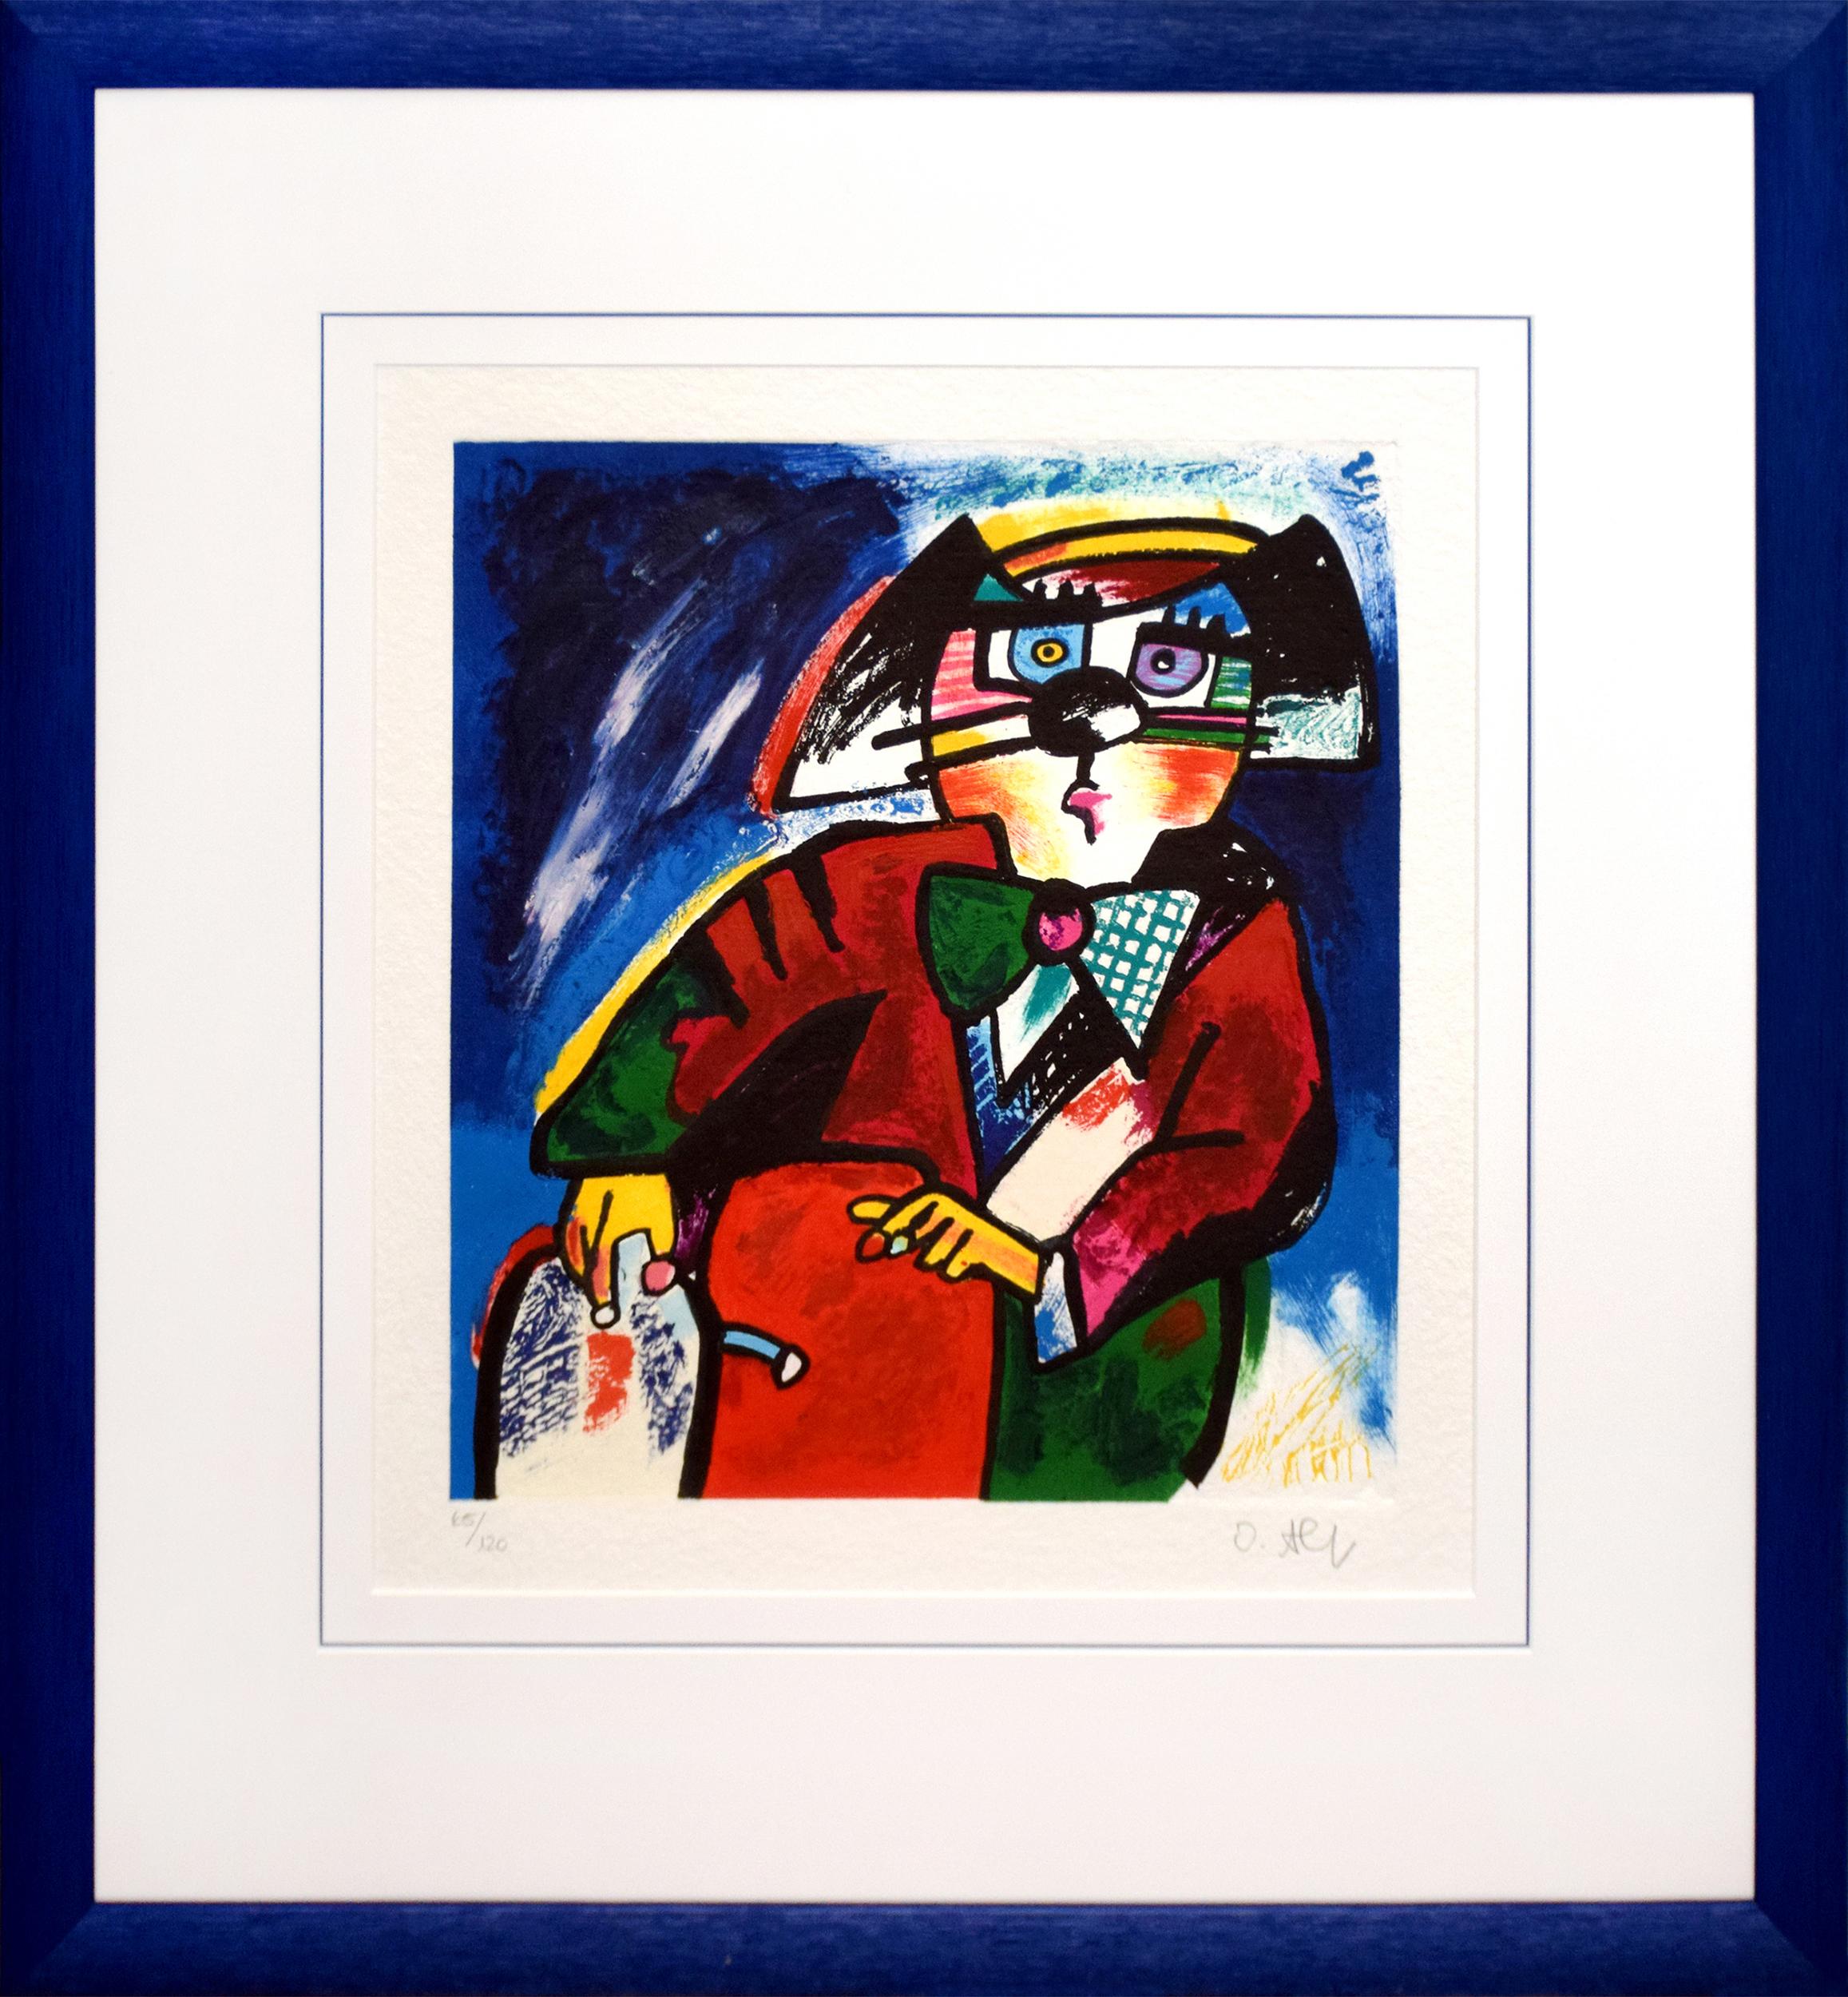 Otmar Alt - Kunsthändler , 0552-008-035